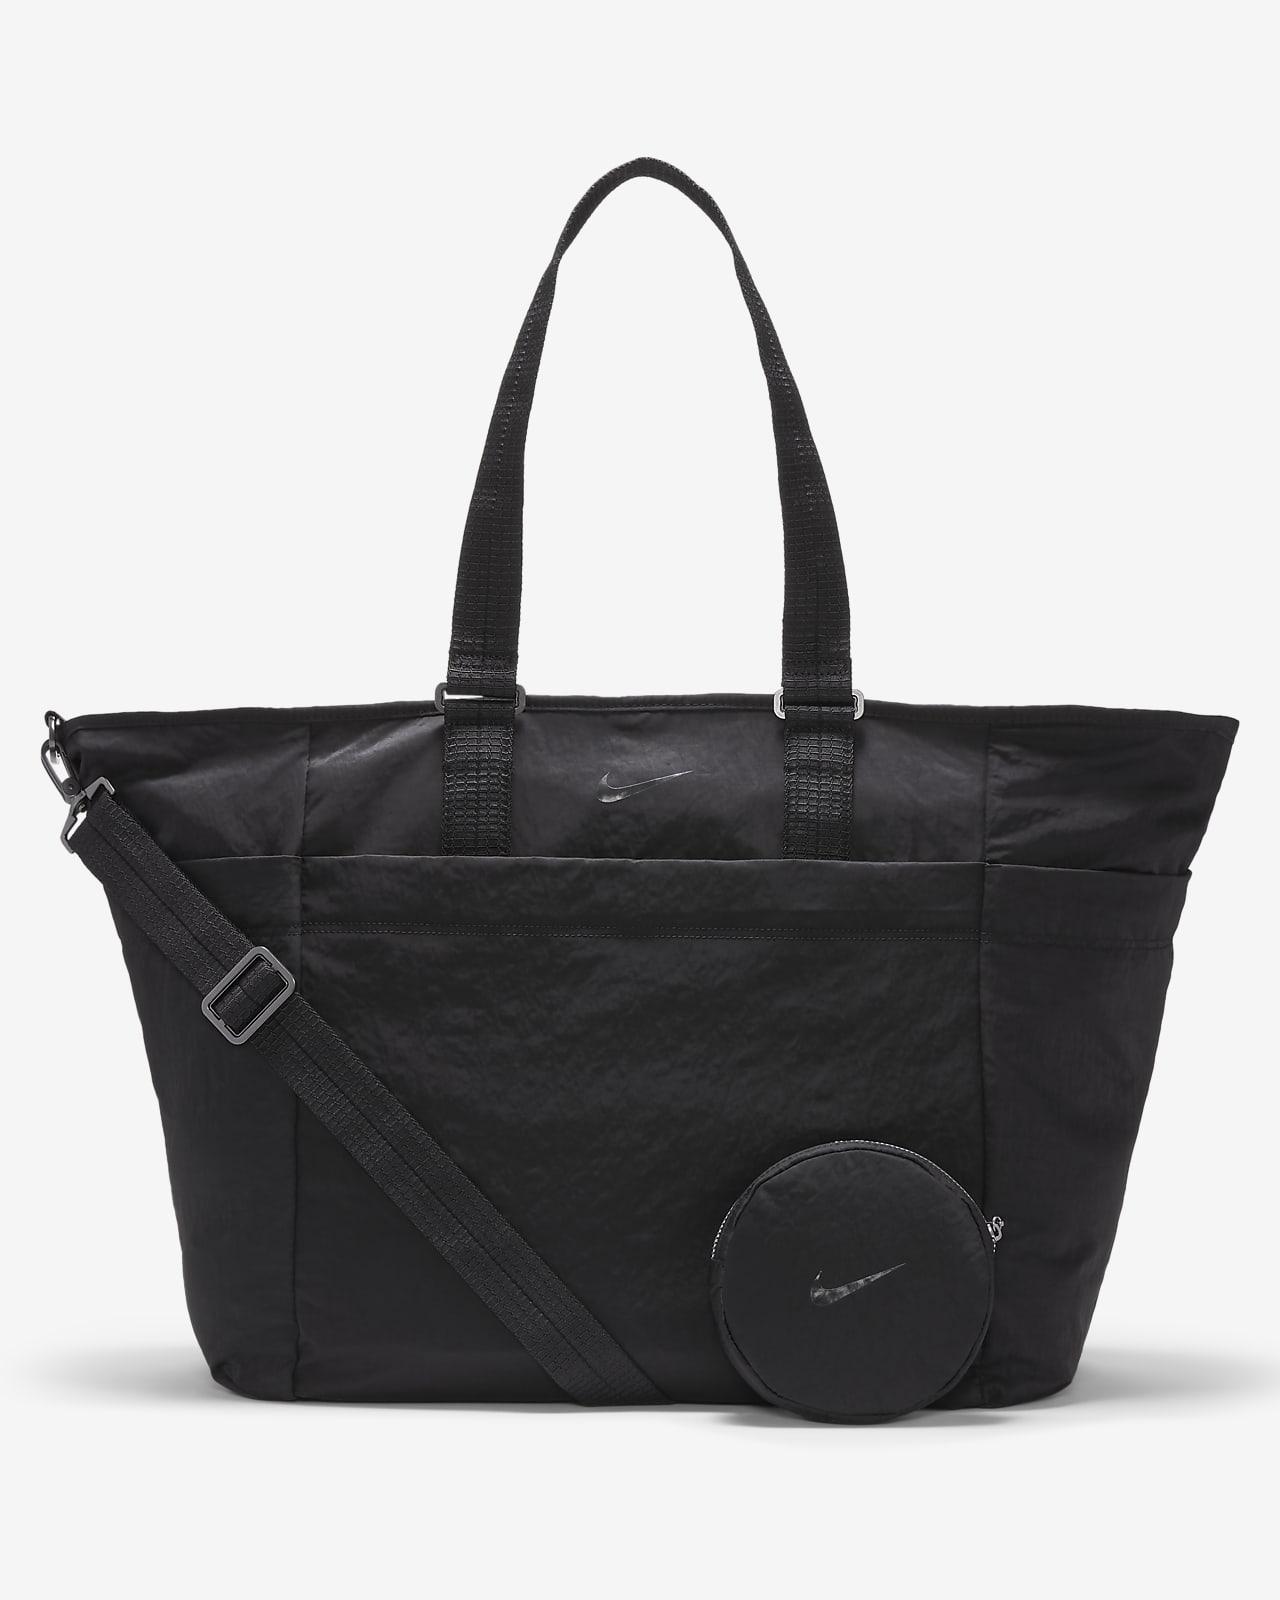 Γυναικεία τσάντα ώμου για τένις Nike One Luxe Serena Design Crew